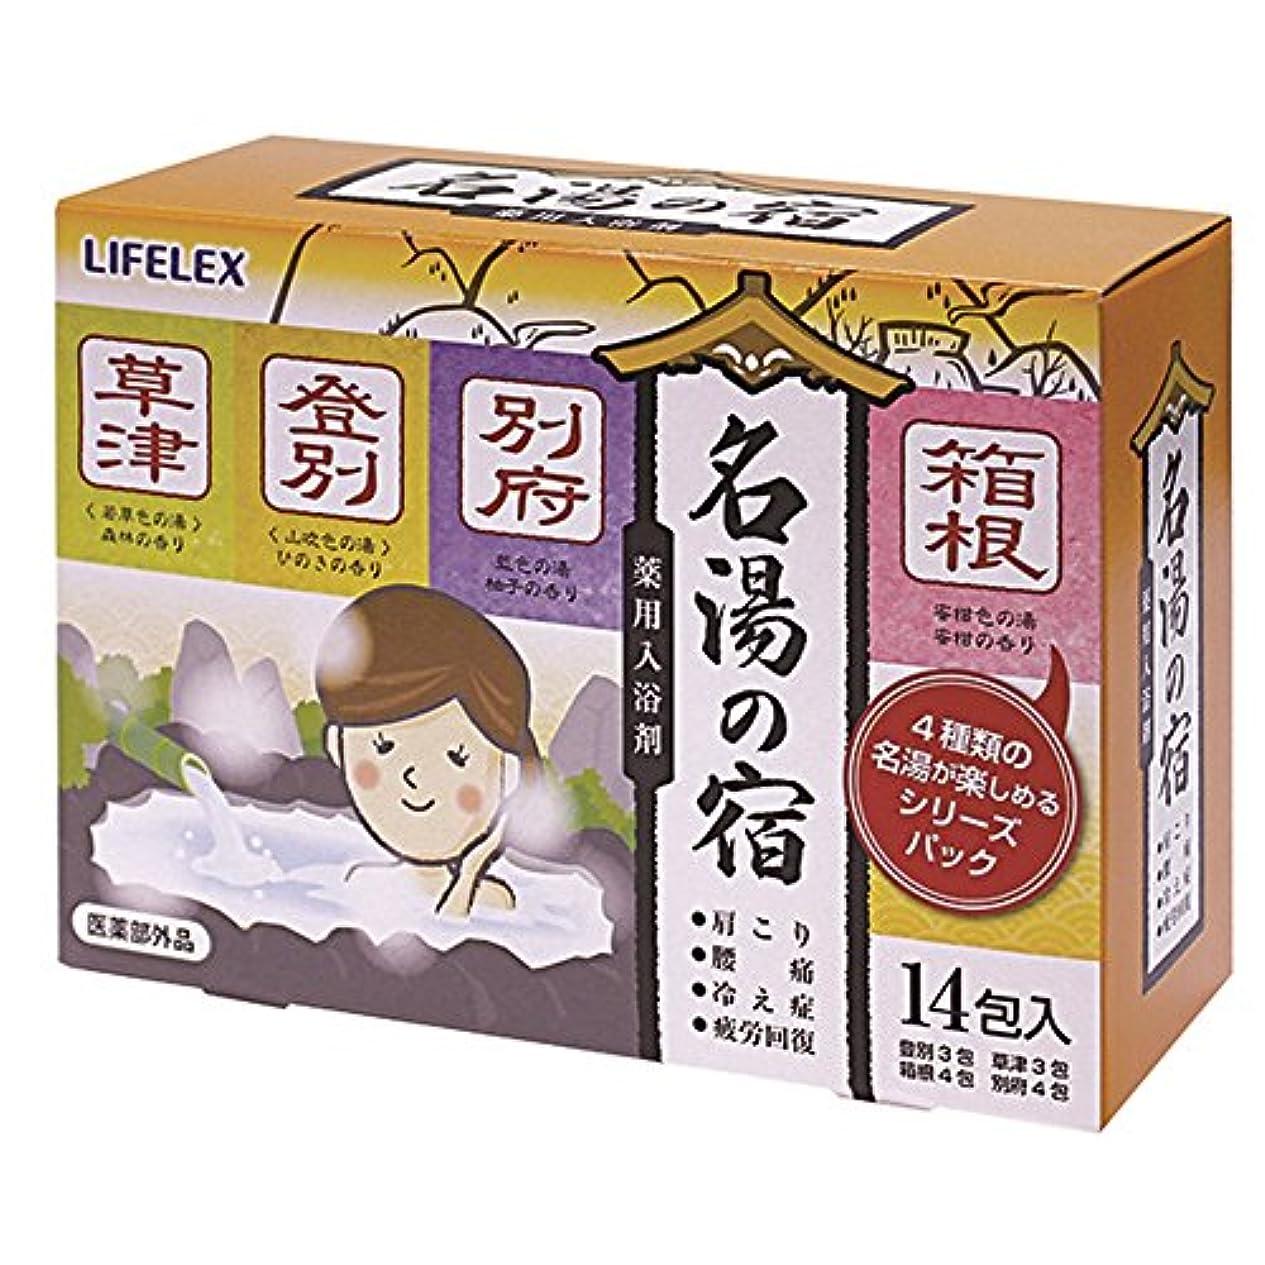 出撃者に話す混乱コーナン オリジナル LIFELEX 名湯の宿 薬用入浴剤 14包入